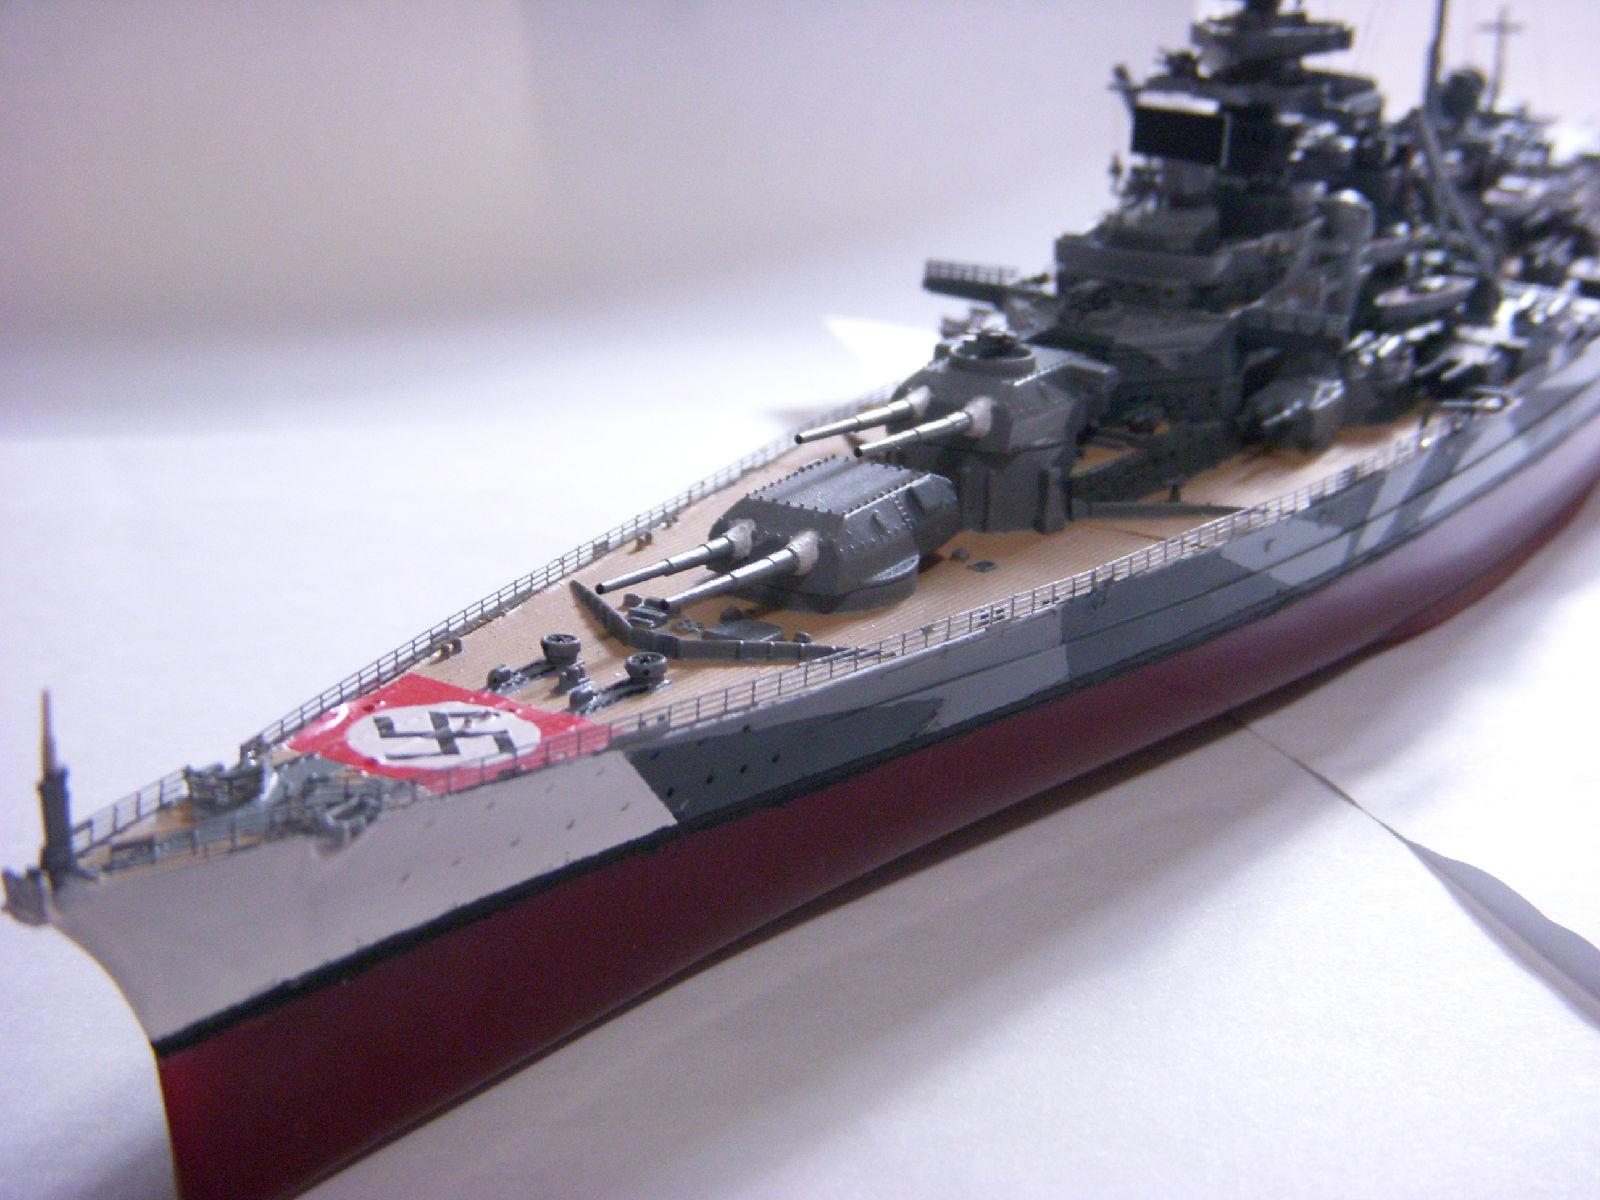 军舰模型上色_战舰模型上色-战舰模型需要水补土吗/模型上色需要什么/模型 ...